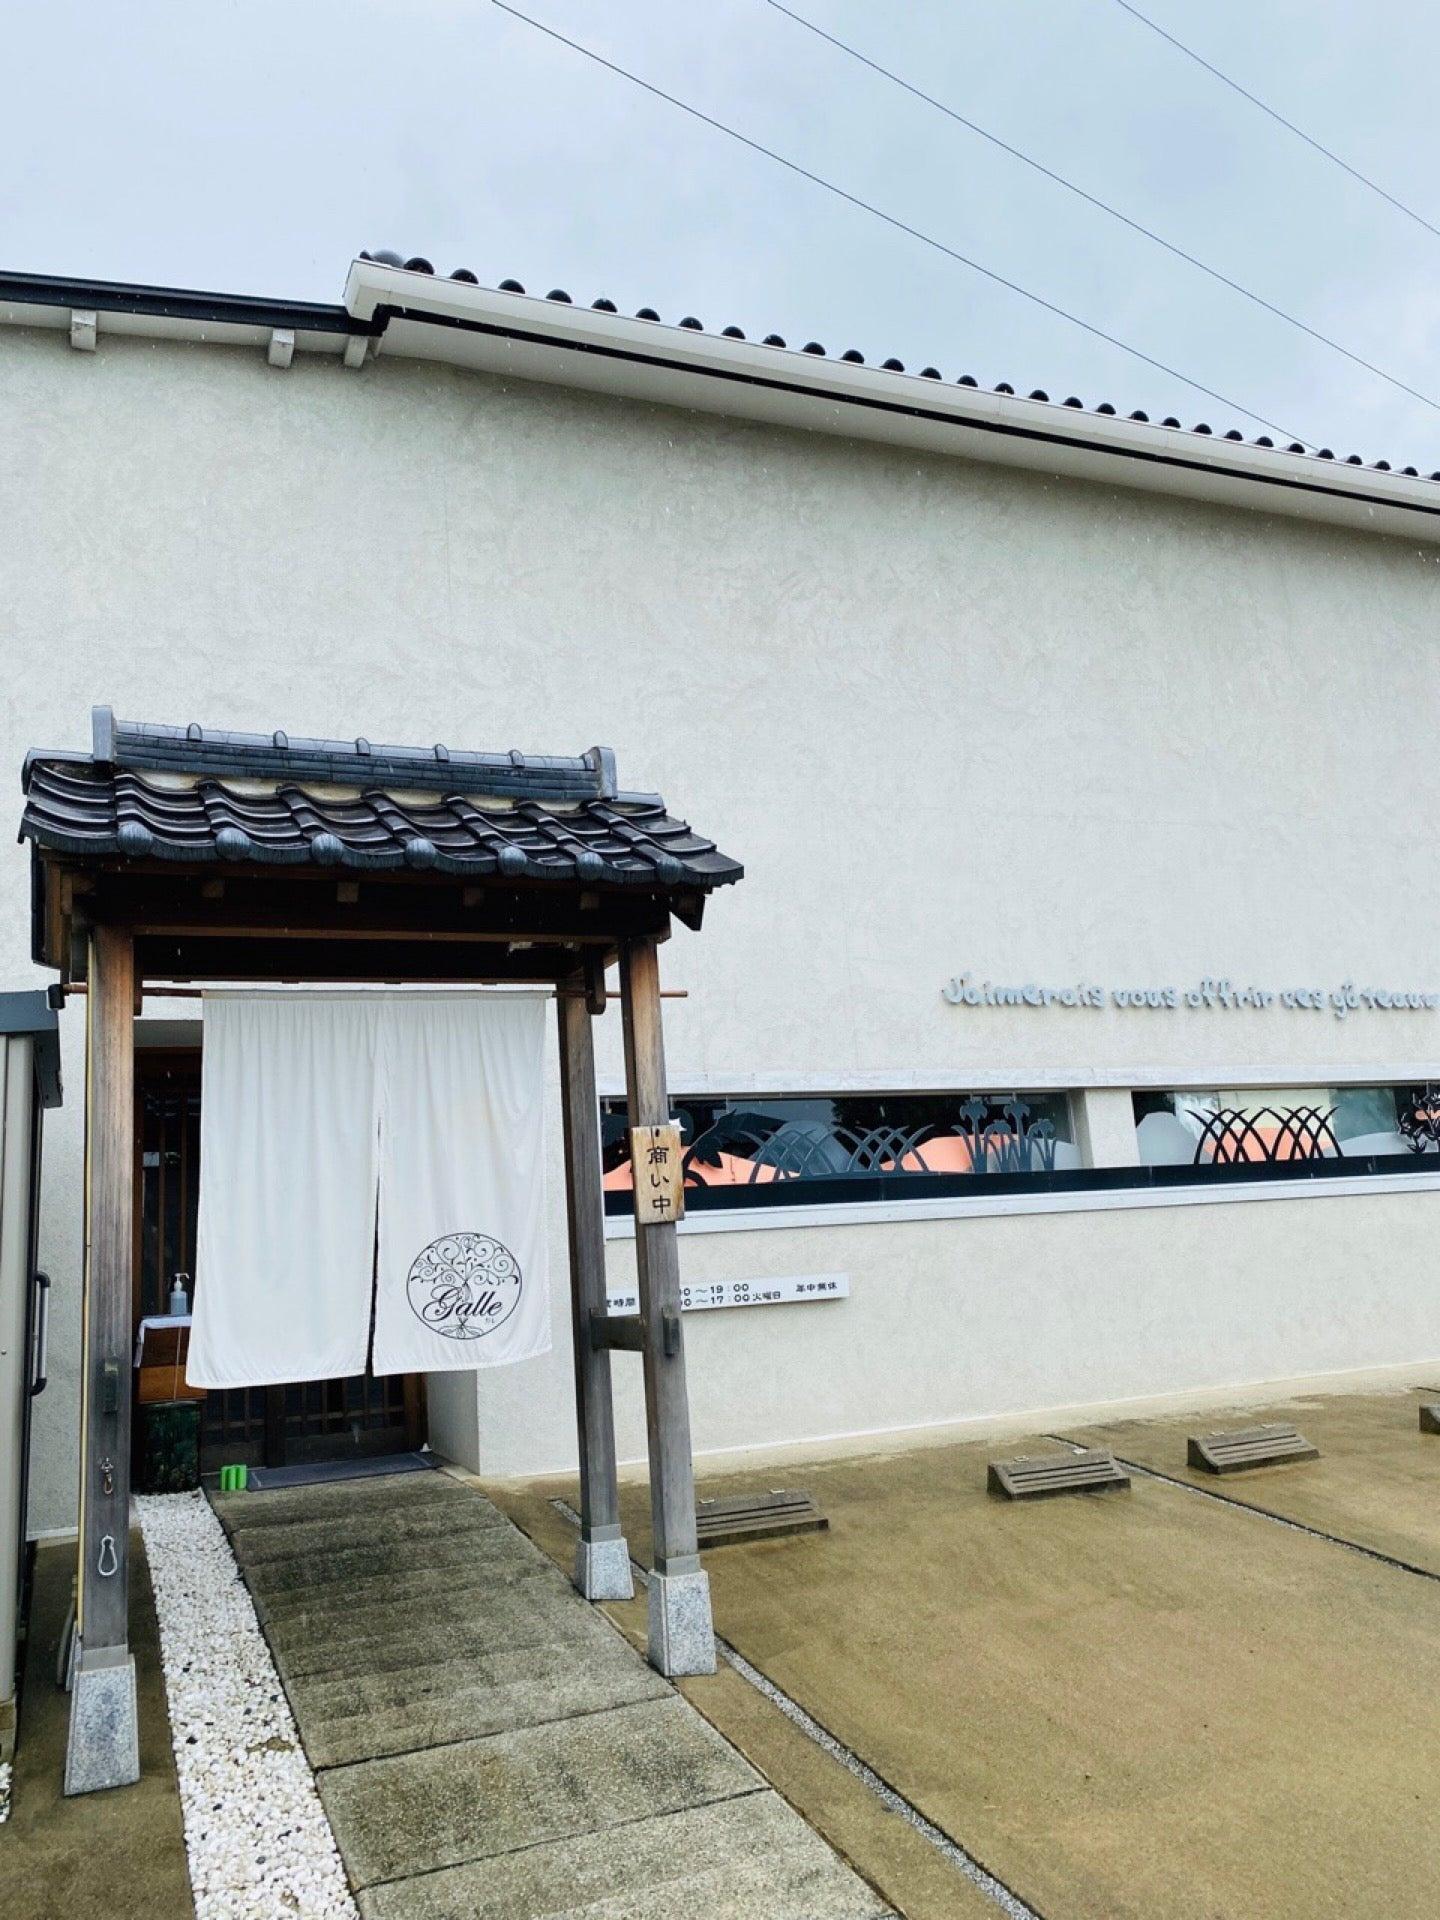 シュークリームを買いに (@ ガレ・ドゥ・ワタナベ in 江南市, 愛知県) https://t.co/EyympEl4Gt https://t.co/bjwtRx5m2k